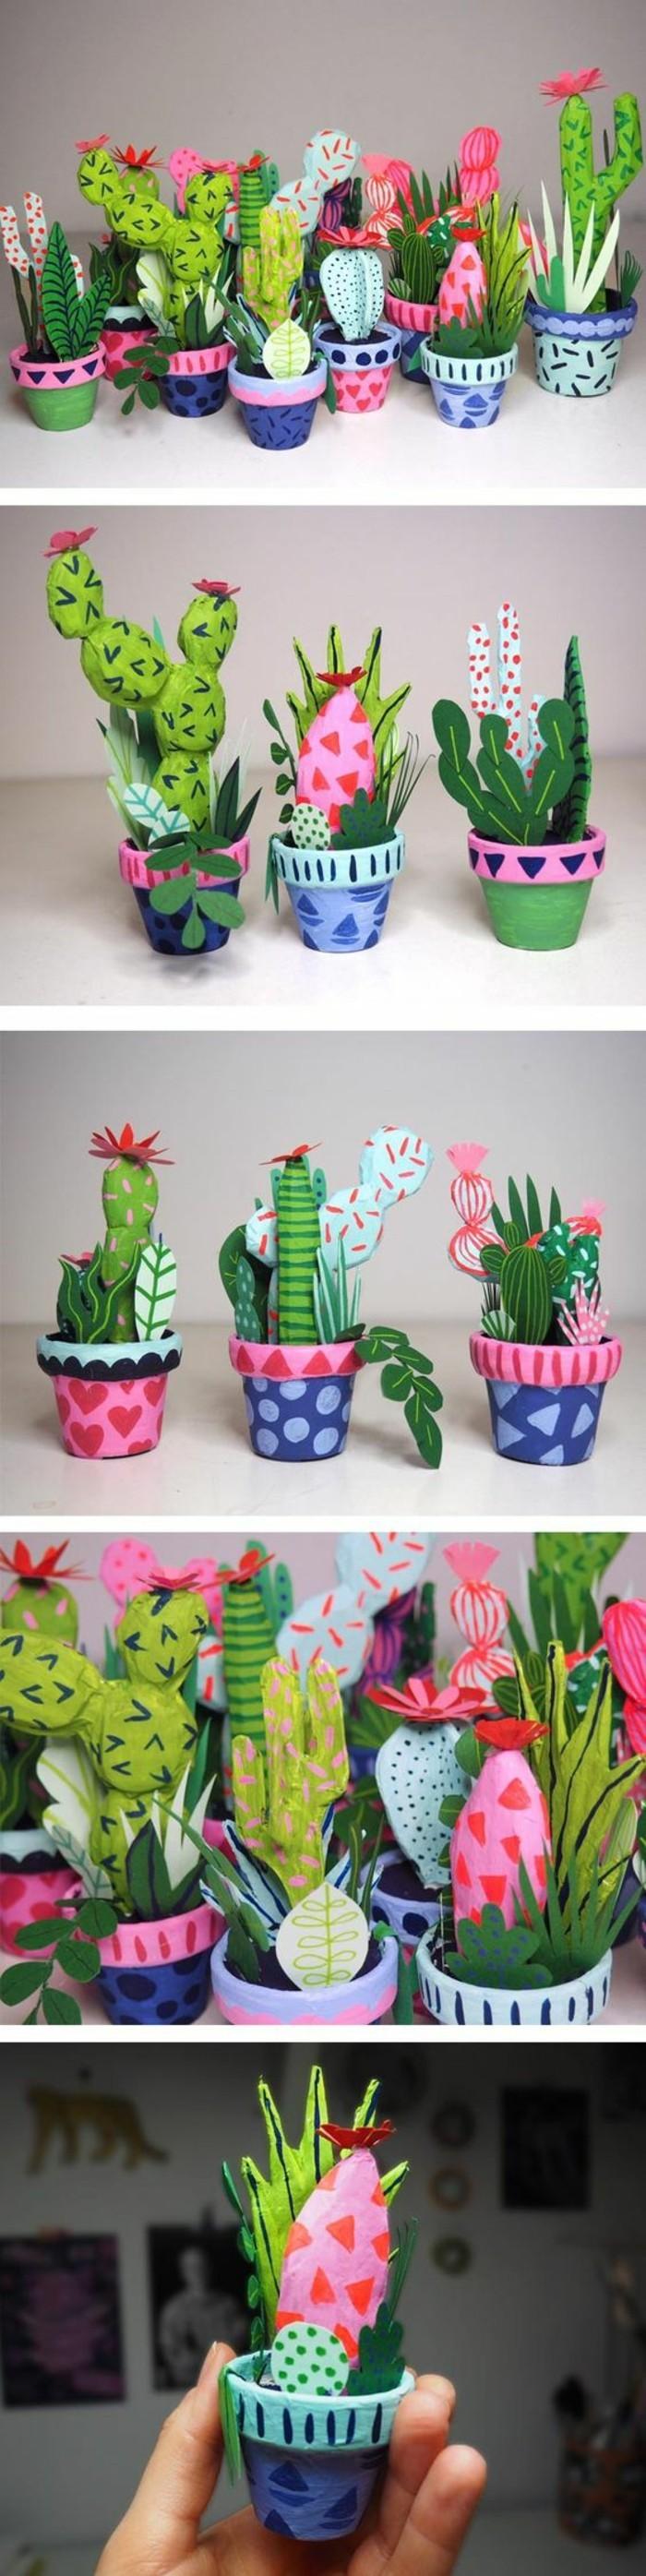 des-cactus-dans-des-pots-à-fleurs-papier-maché-une-composition-florale-de-papier-maché-tuto-resized